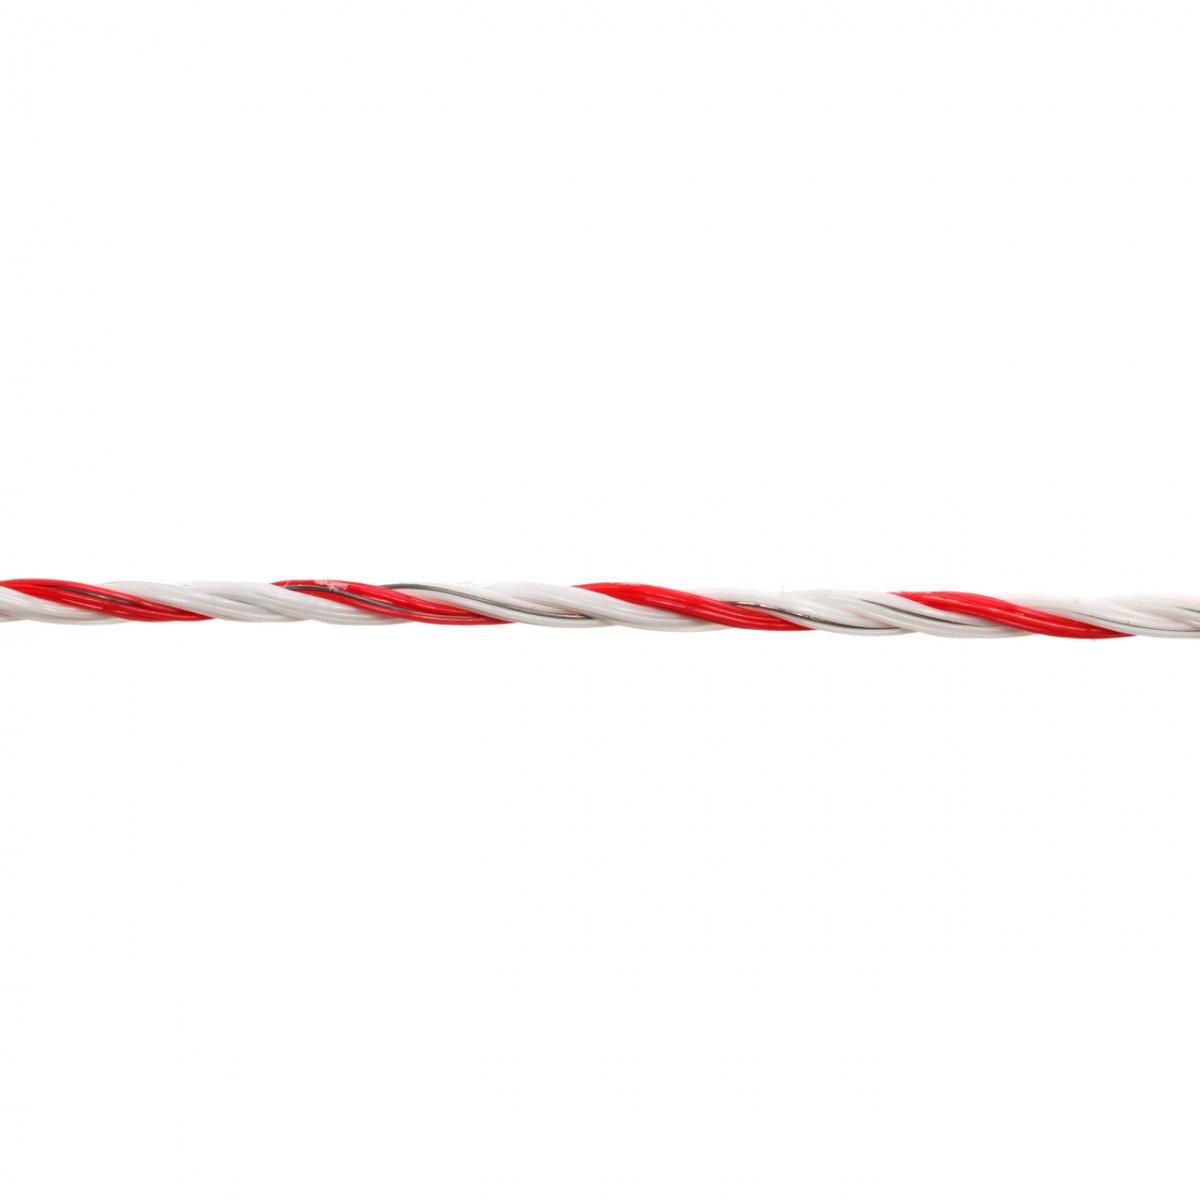 Fir gard electric - 300m - 100kg - 0,62Ω/m